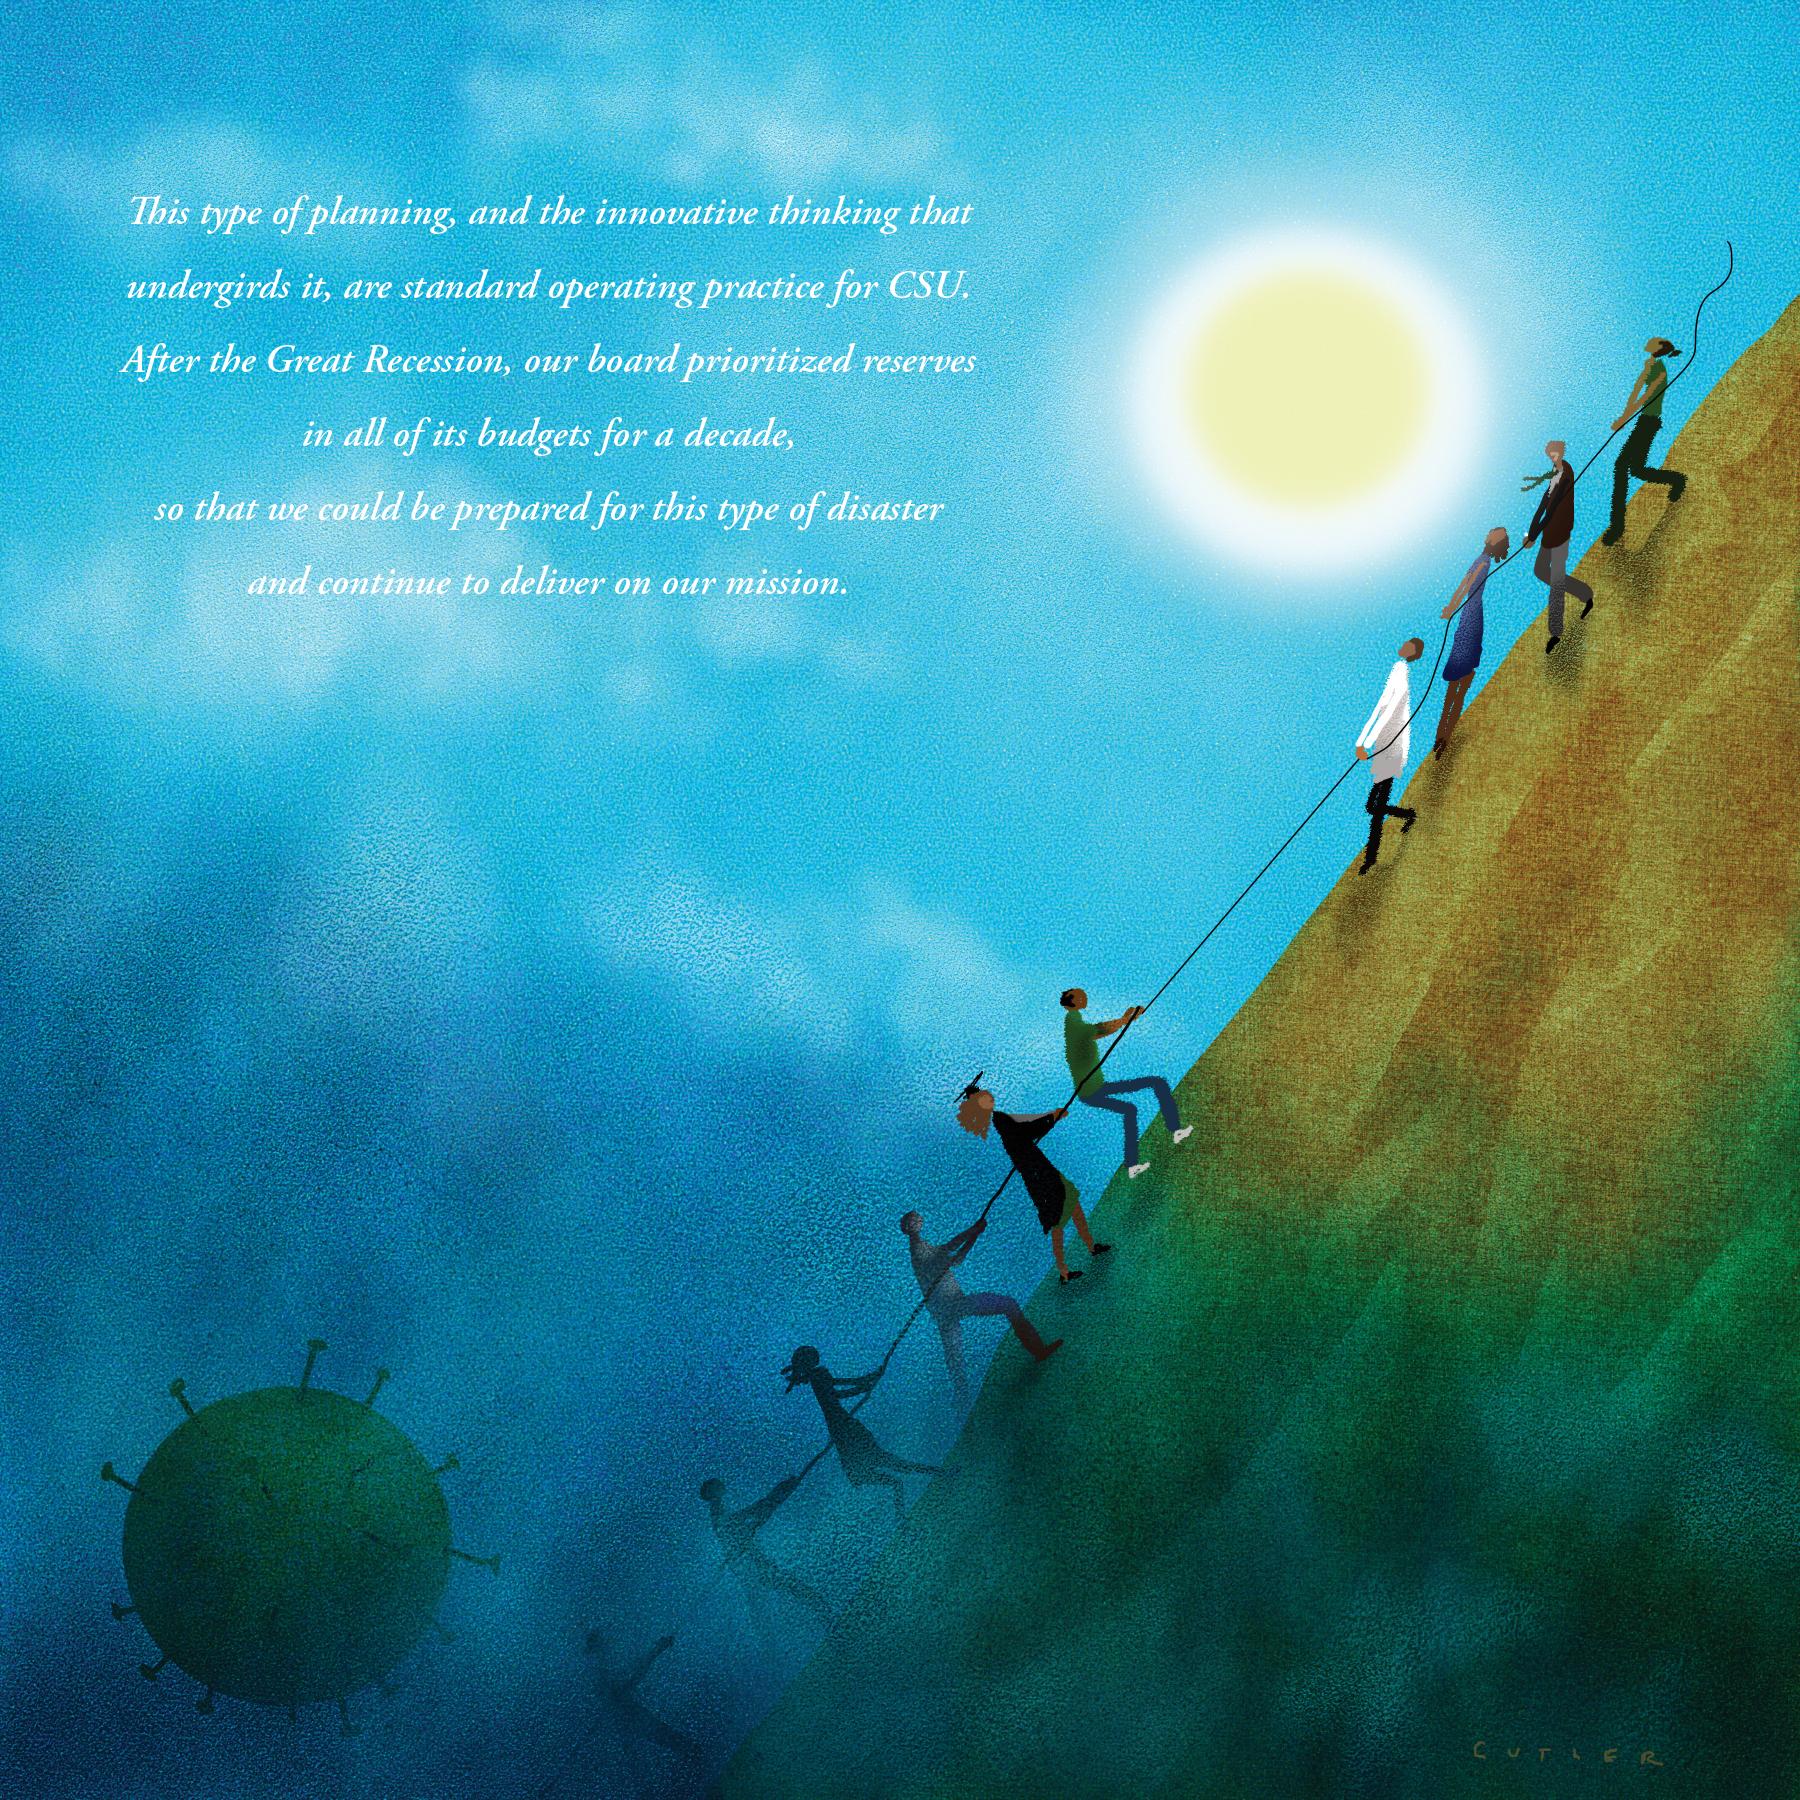 illustration of tug of war on a moonlit mountainside